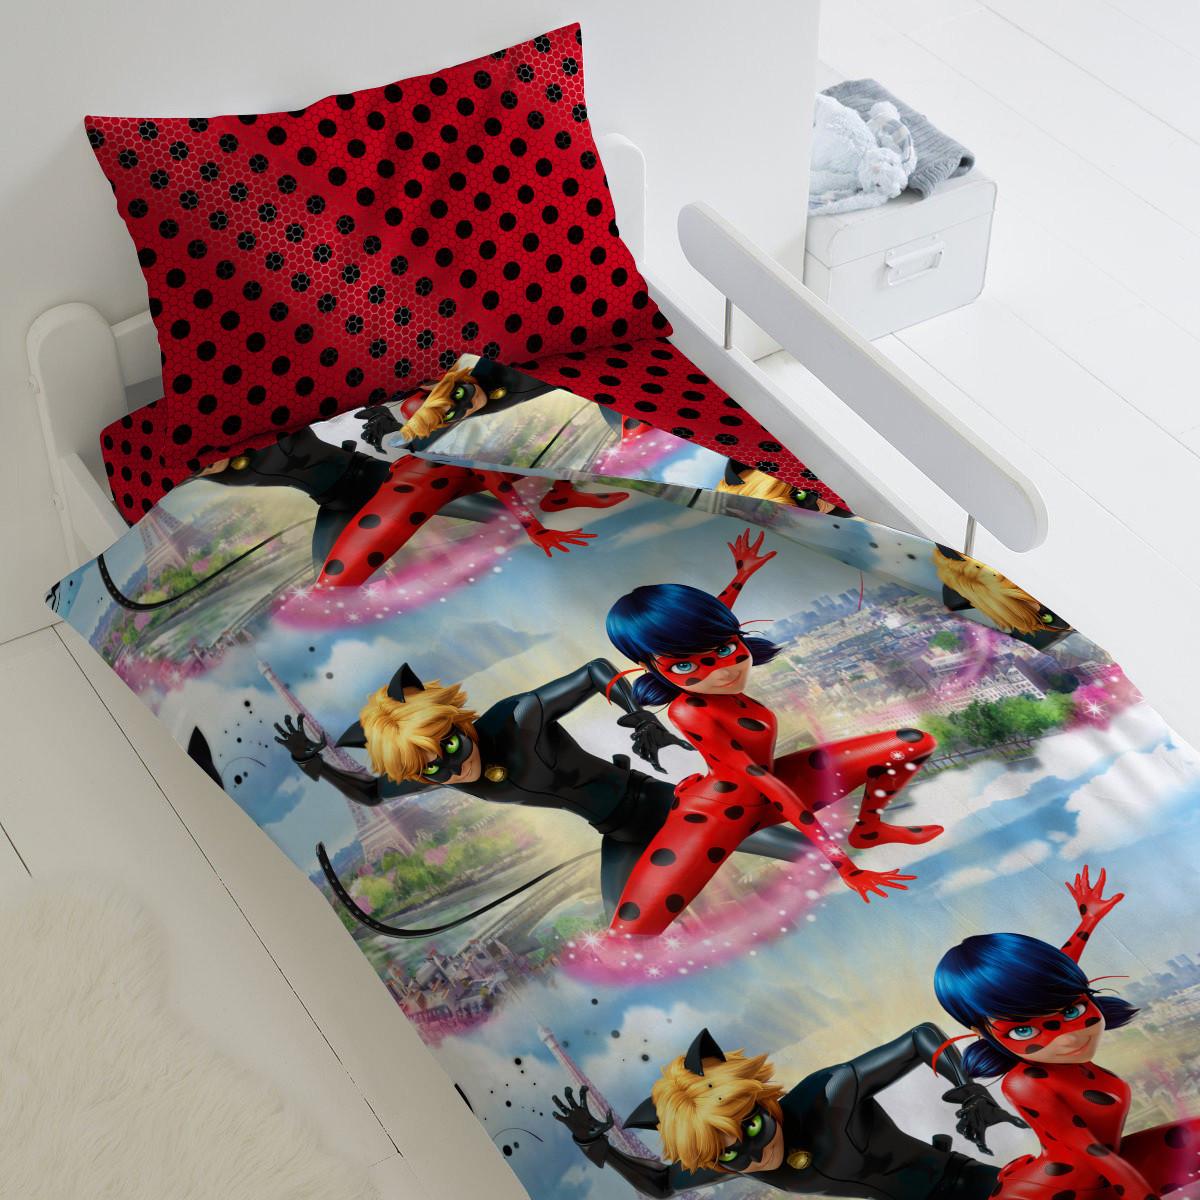 HOMY Комплект постельного белья   Леди Баг и Супер Кот,  HOMY  1.5 спальный